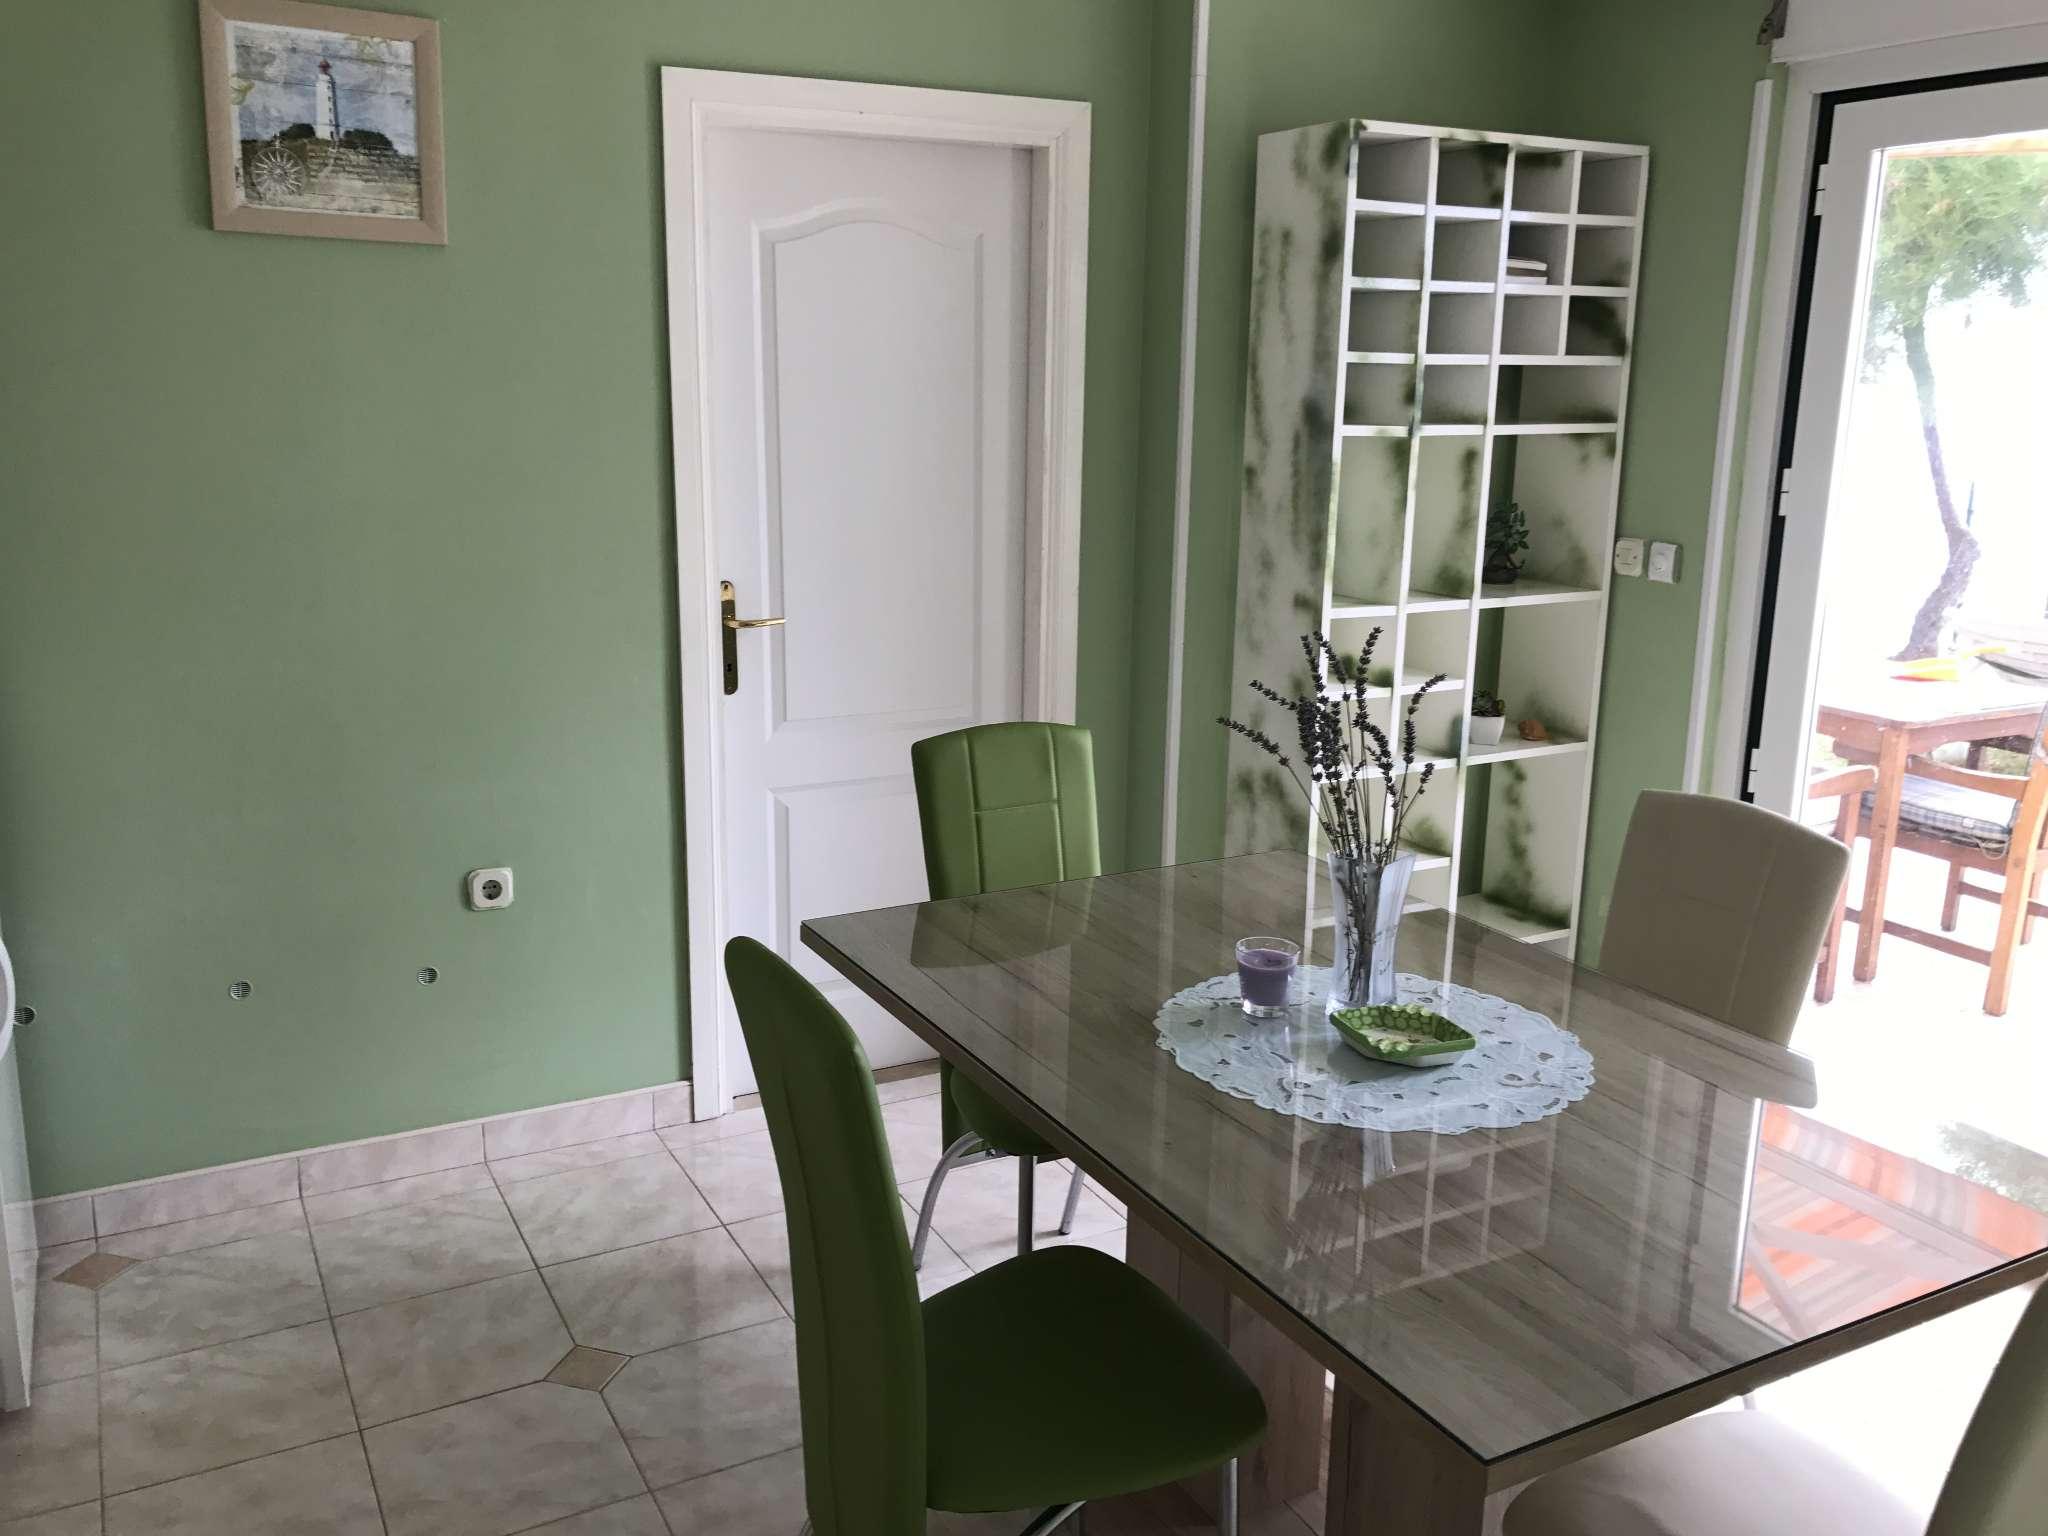 Zusatzbild Nr. 08 von Villa Valerija - Untere Wohnung